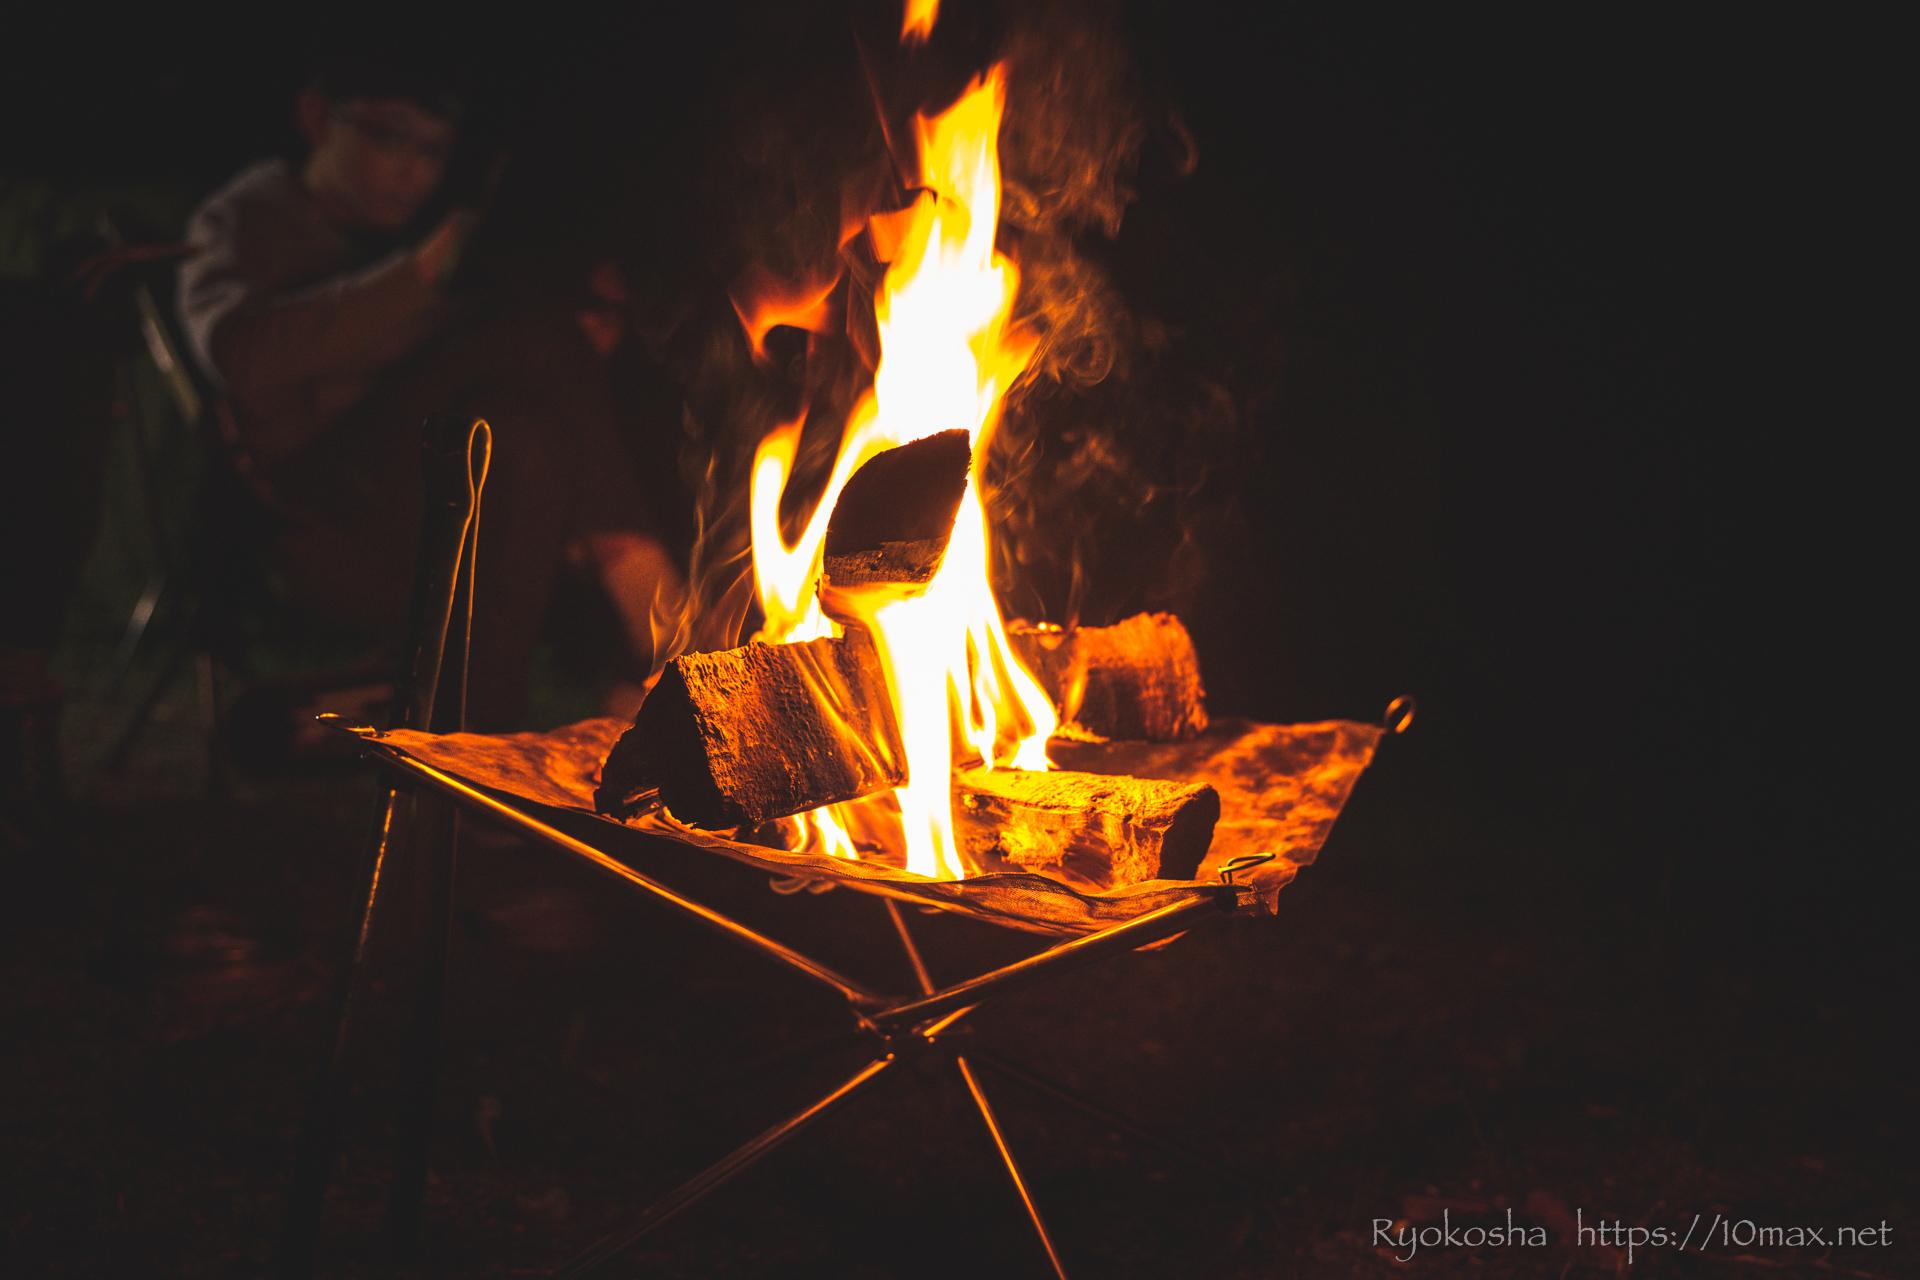 フォレストピア七里の森 コテージ MTBダウンヒル 焚き火